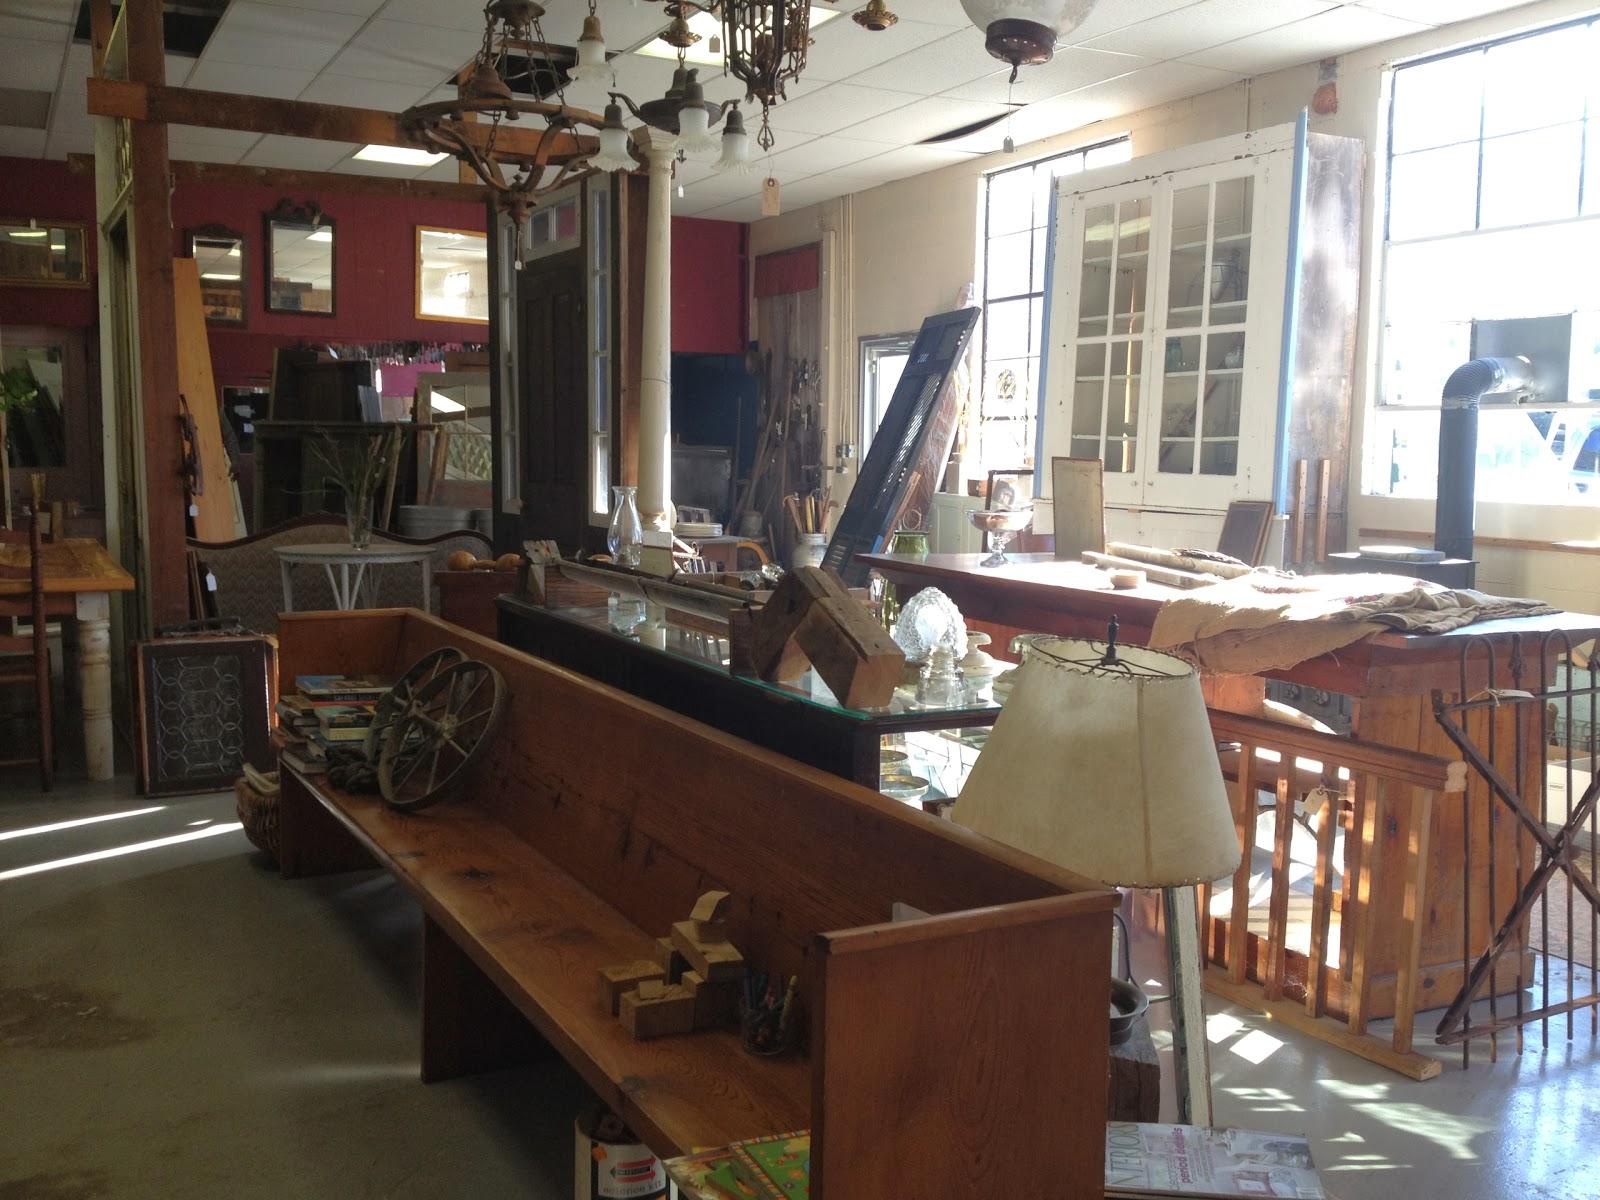 Shop Tour: Salvagewrights Architectural Salvage in Orange, VA